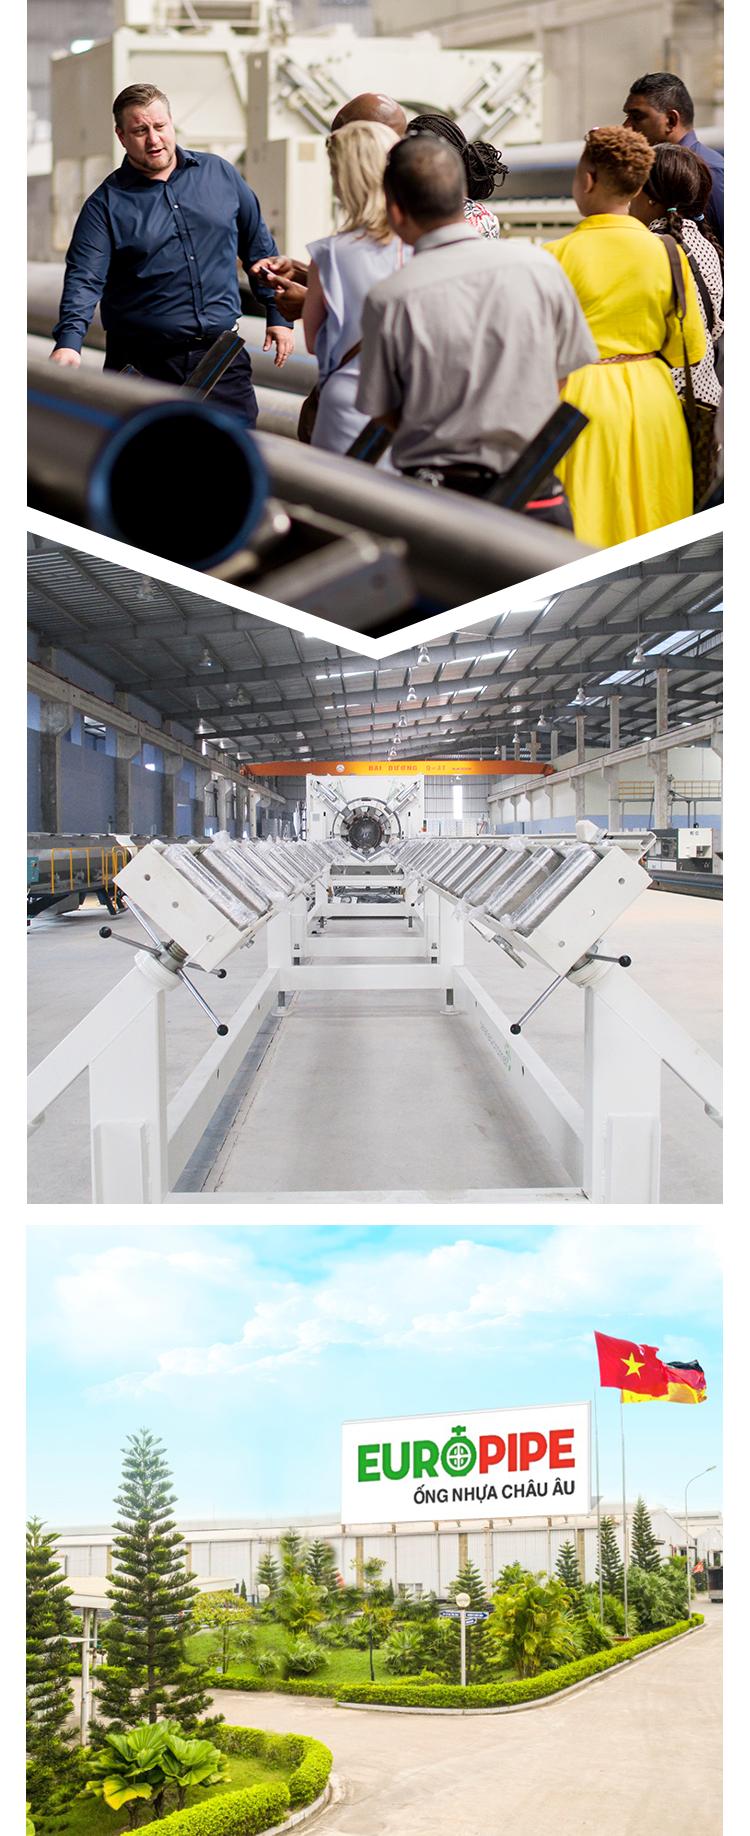 Tổng giám đốc doanh nghiệp ống nhựa hàng đầu Việt Nam: Chúng tôi là công ty duy nhất bảo hành sản phẩm 30 năm - 10